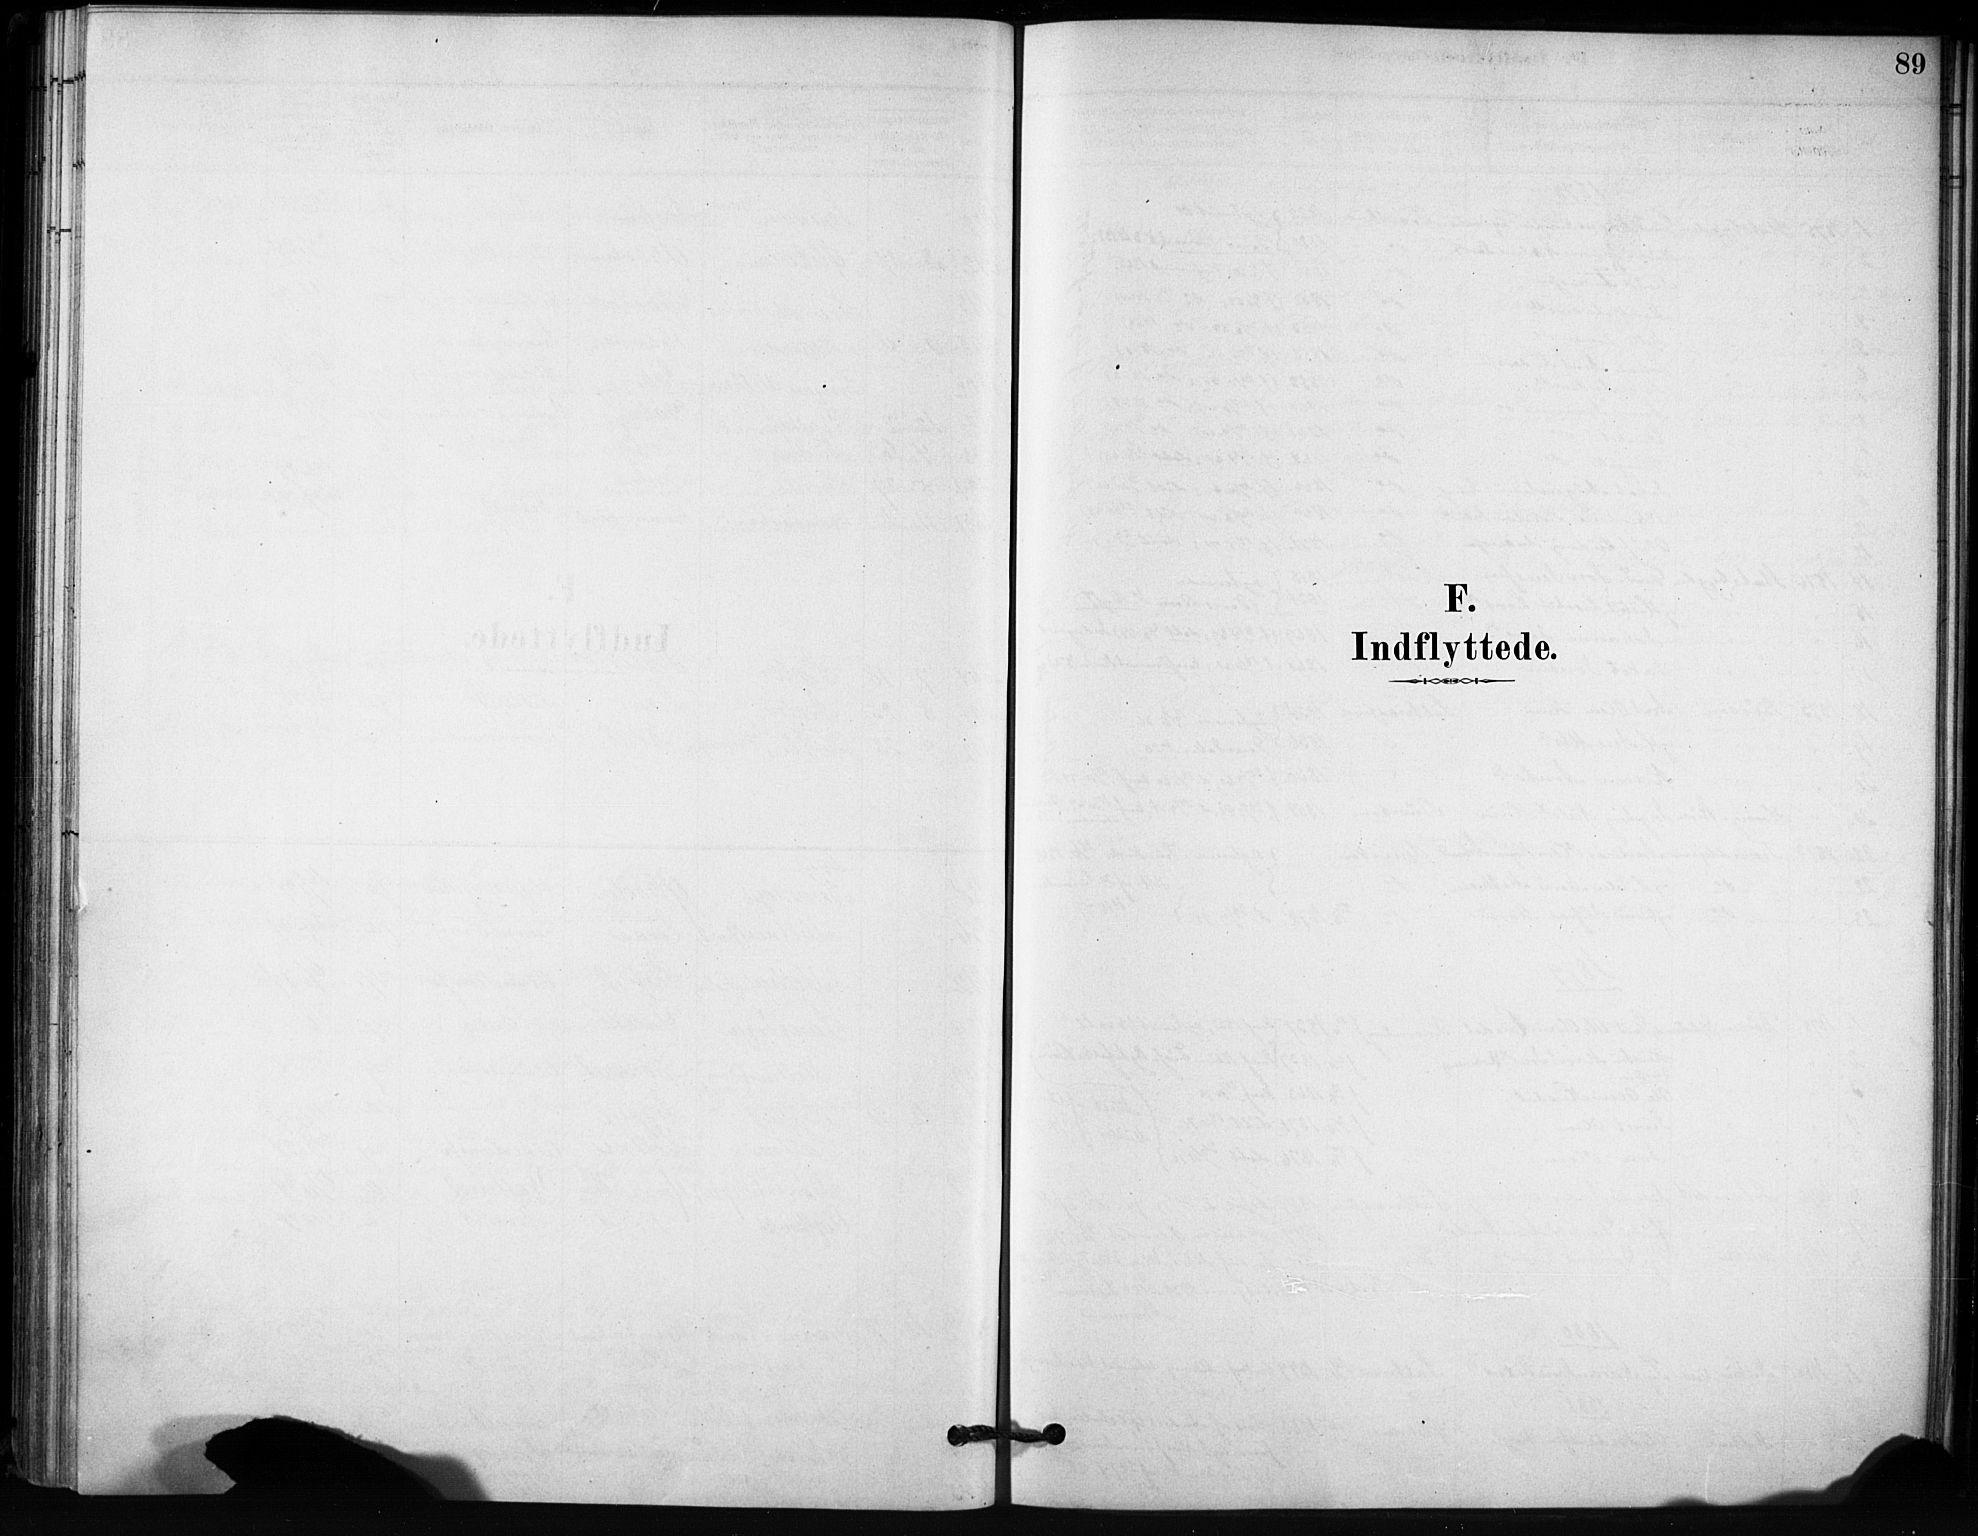 SAT, Ministerialprotokoller, klokkerbøker og fødselsregistre - Sør-Trøndelag, 666/L0786: Ministerialbok nr. 666A04, 1878-1895, s. 89